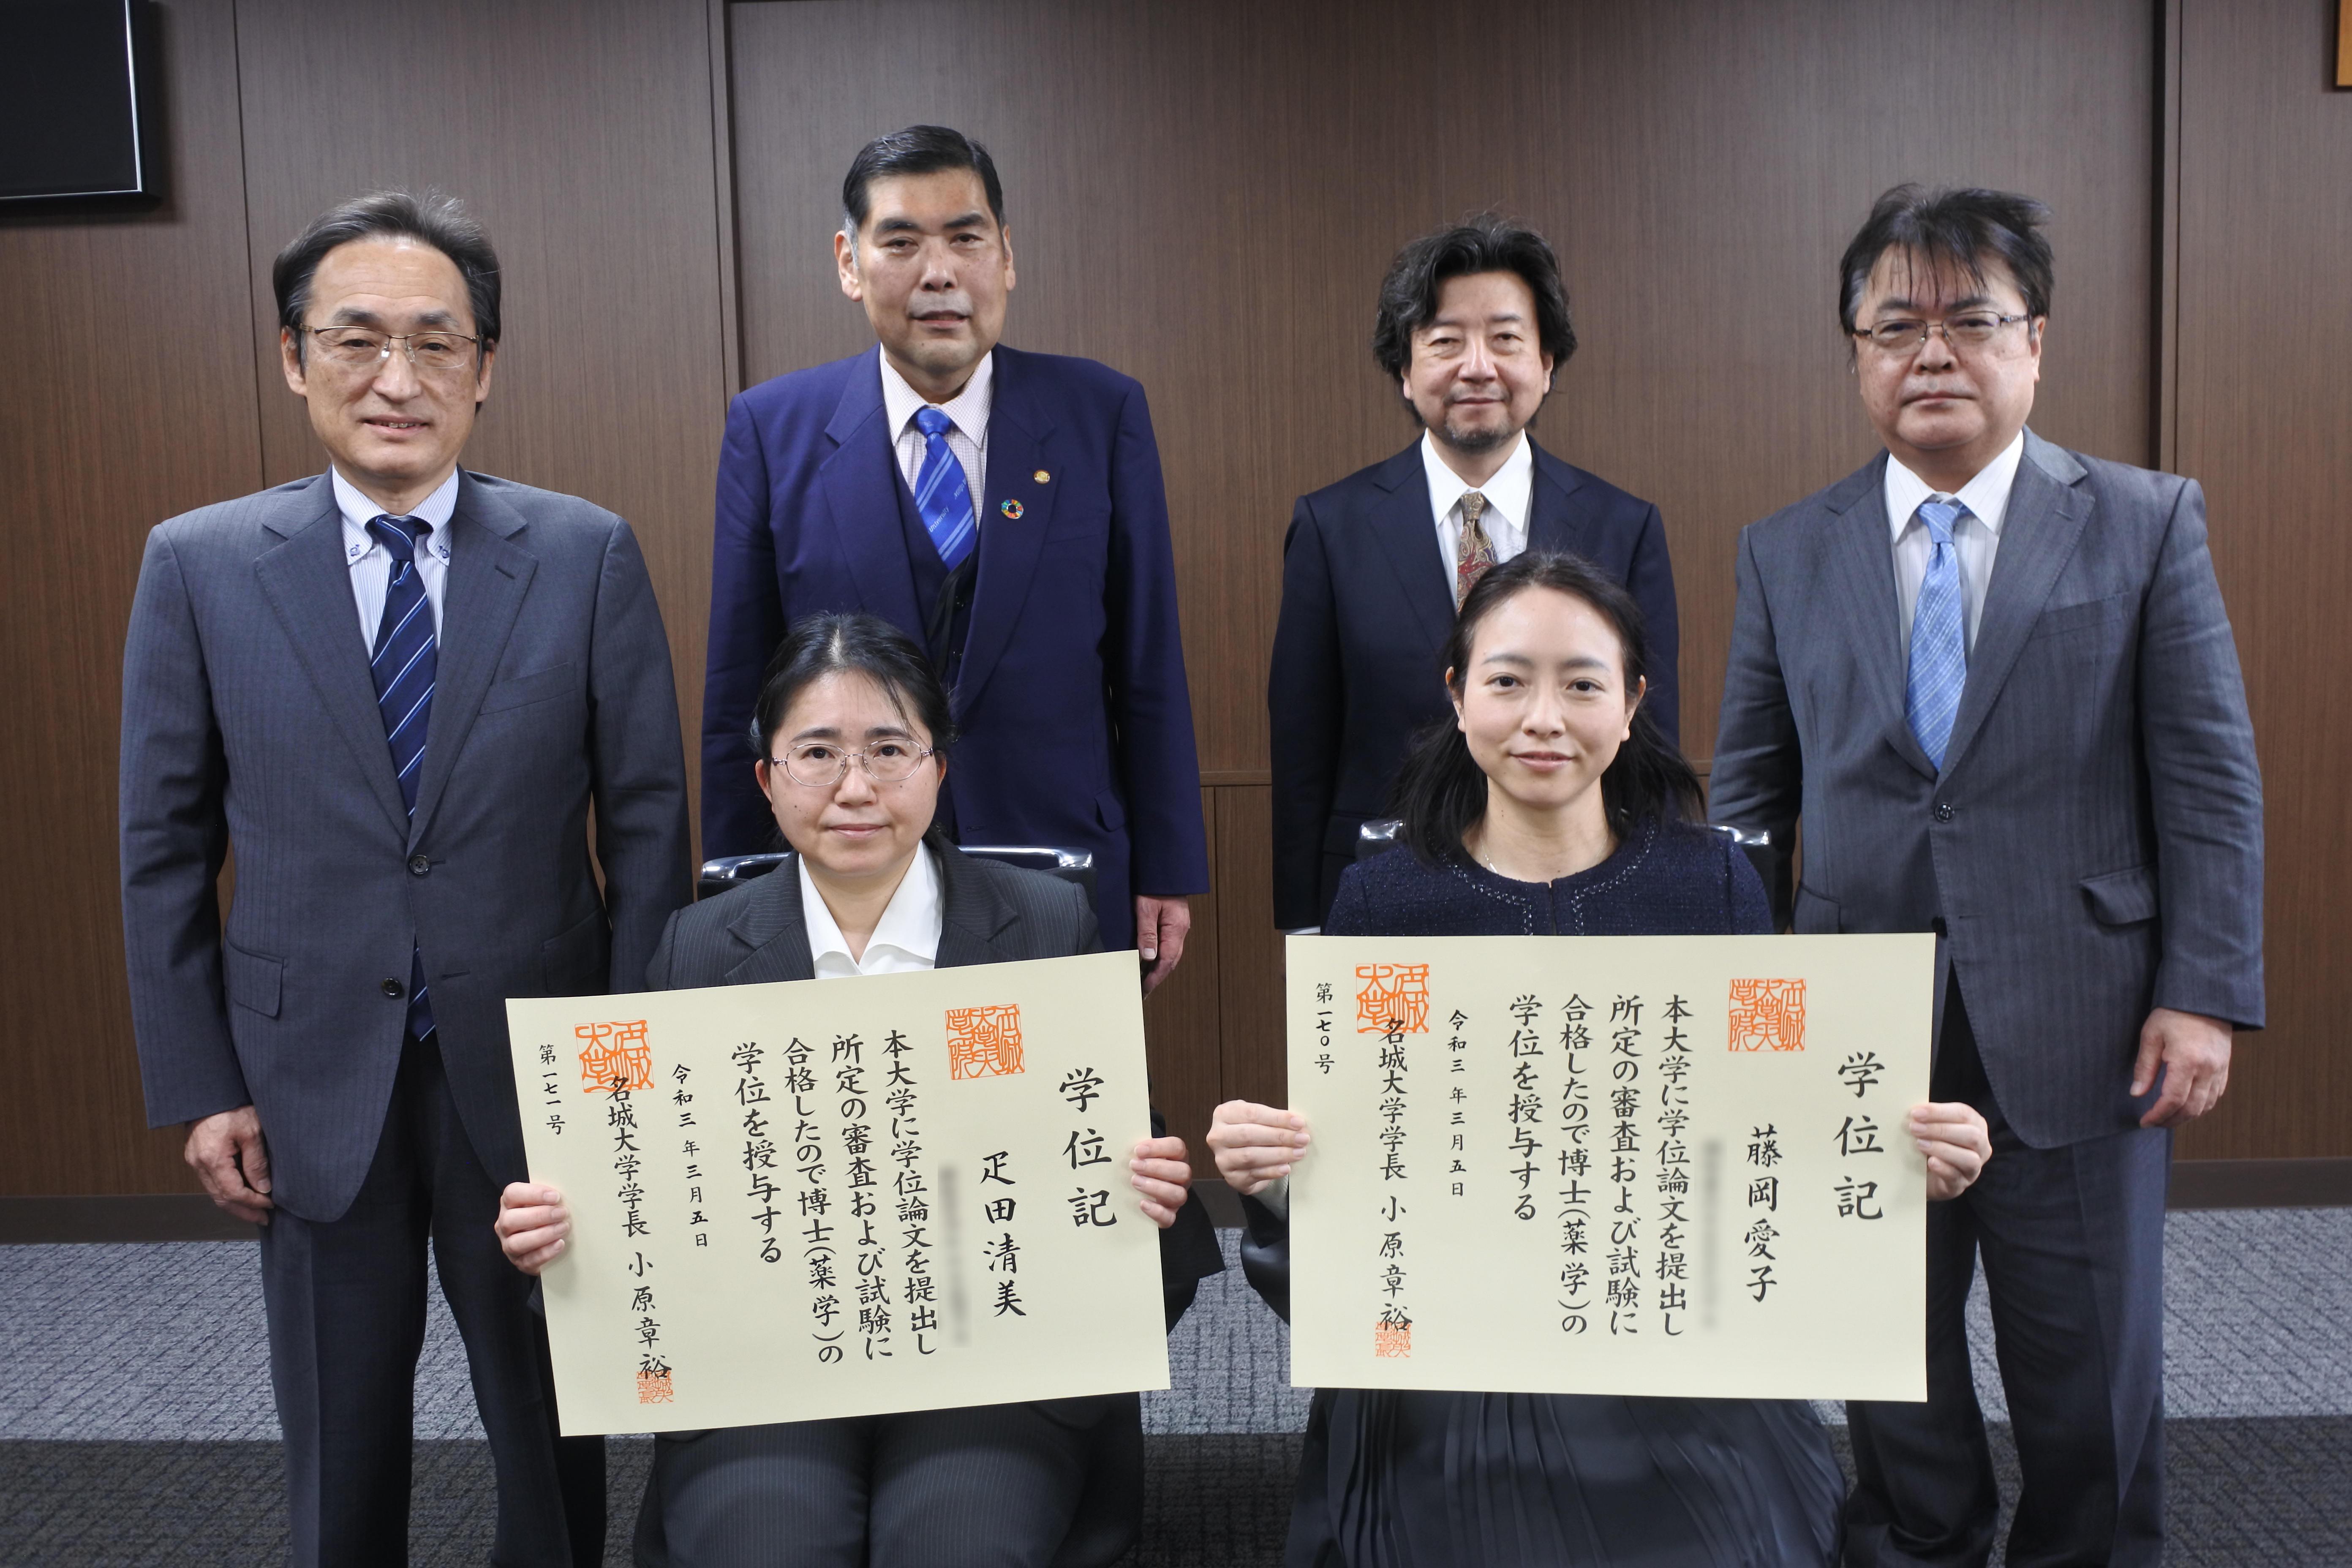 記念写真に納まる(前列左から)疋田清美さん、藤岡愛子さん、(後列左から)金田典雄教授、小原章裕学長、灘井雅行研究科長、亀井浩行教授(一部修正してあります)